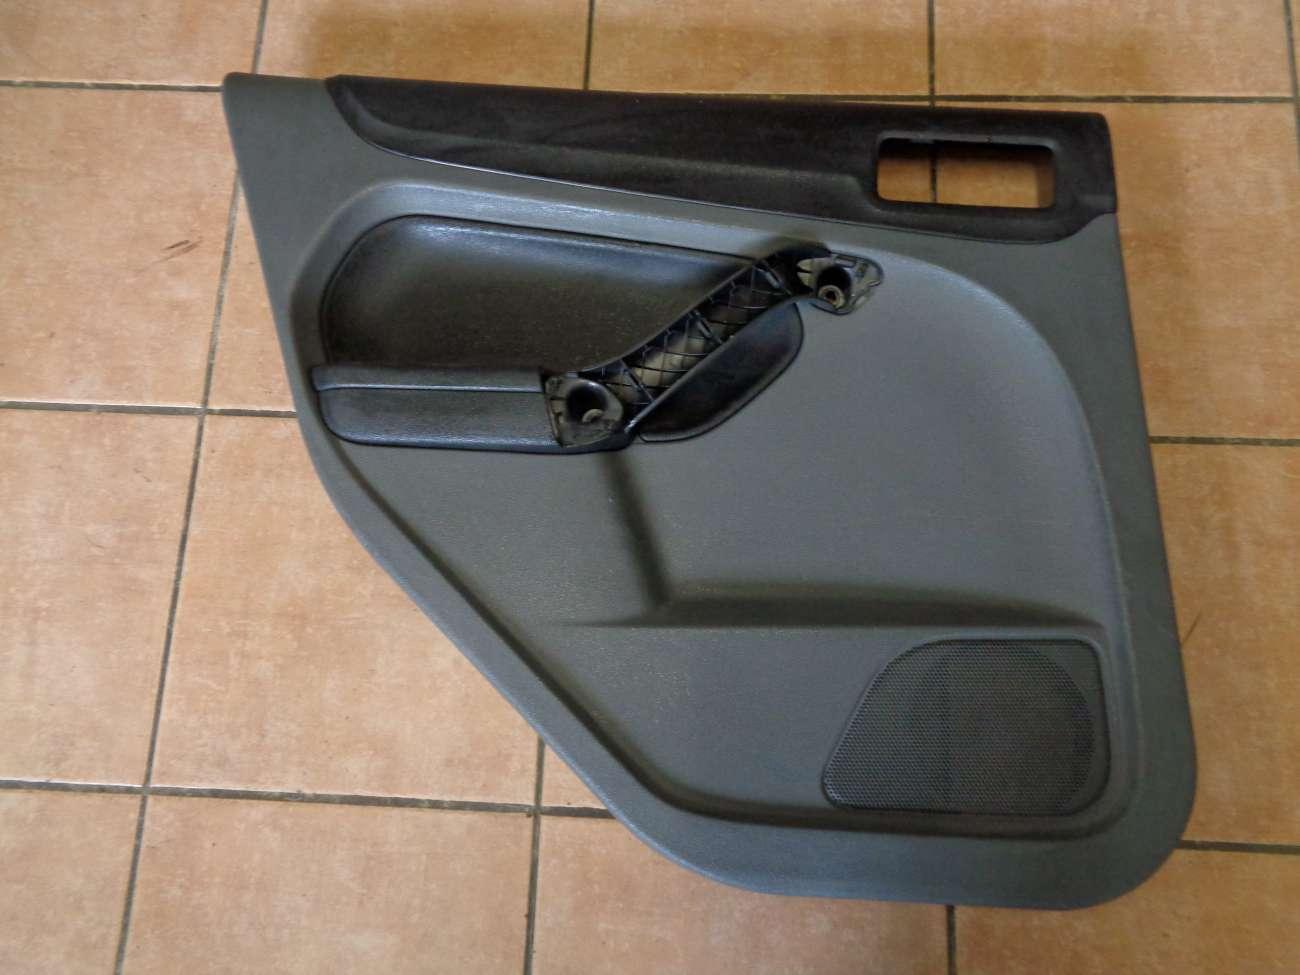 Ford Focus DA3 Türverkleidung Türpappe Hinten Links 4M51-A27407-B